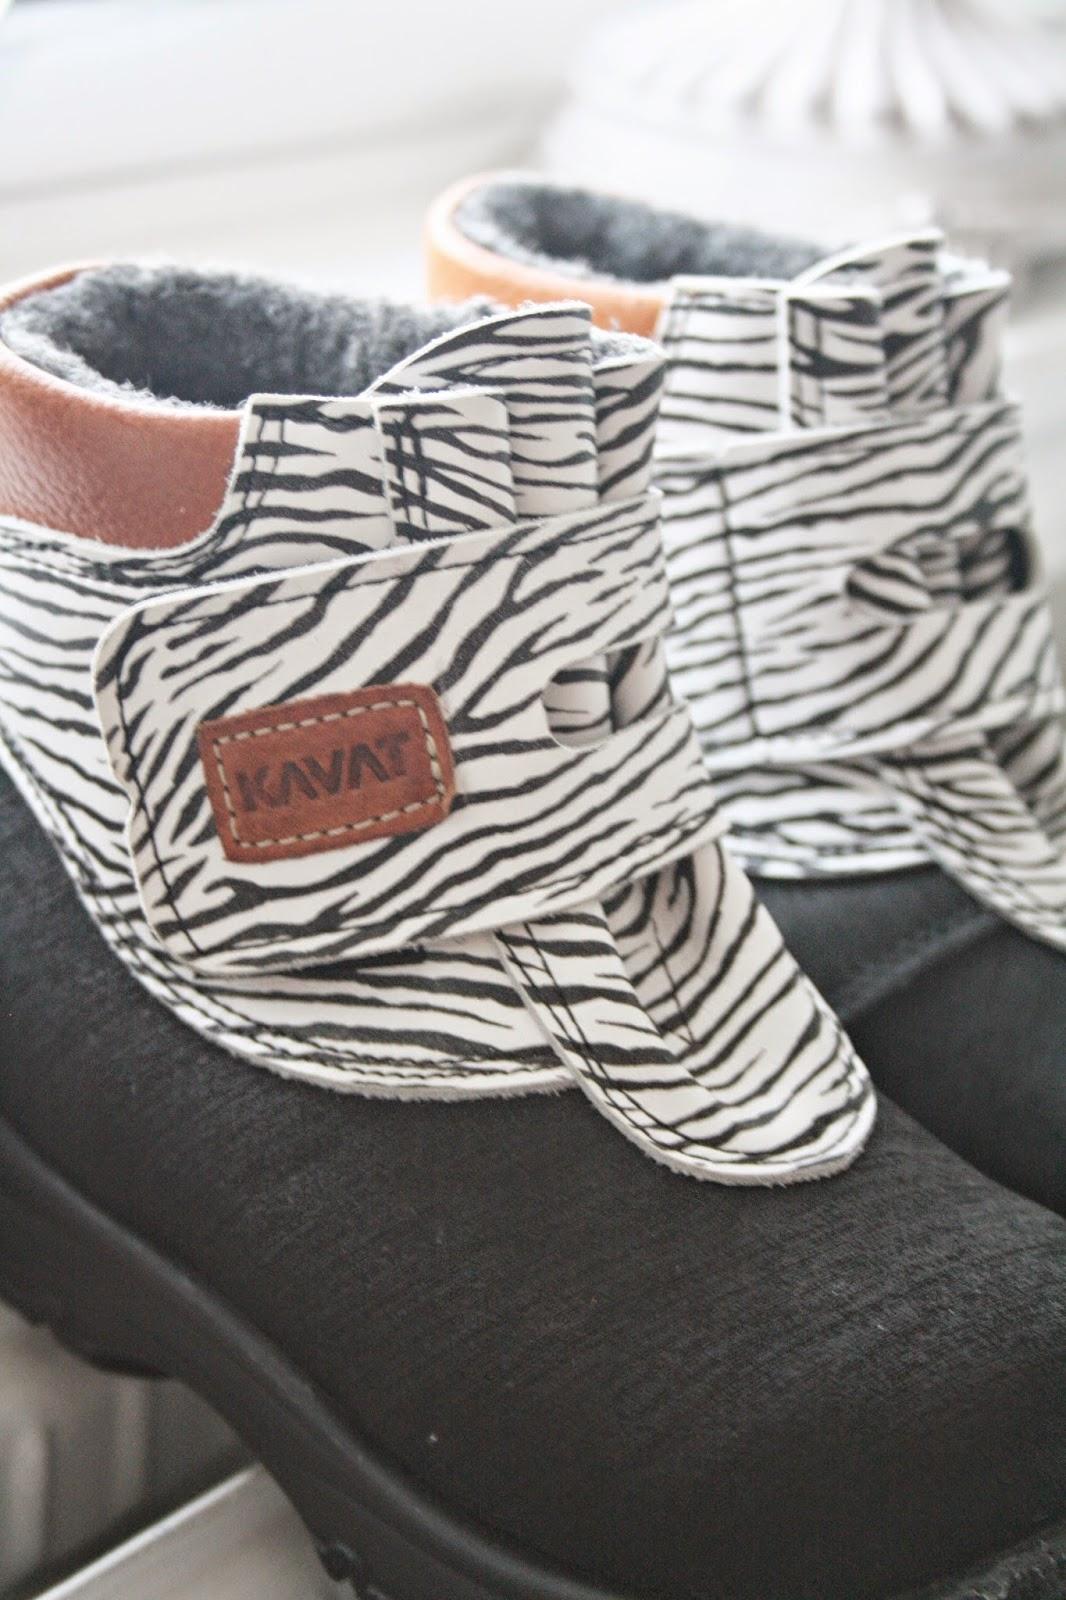 VARDAGSKÄRLEK: Zebra it is